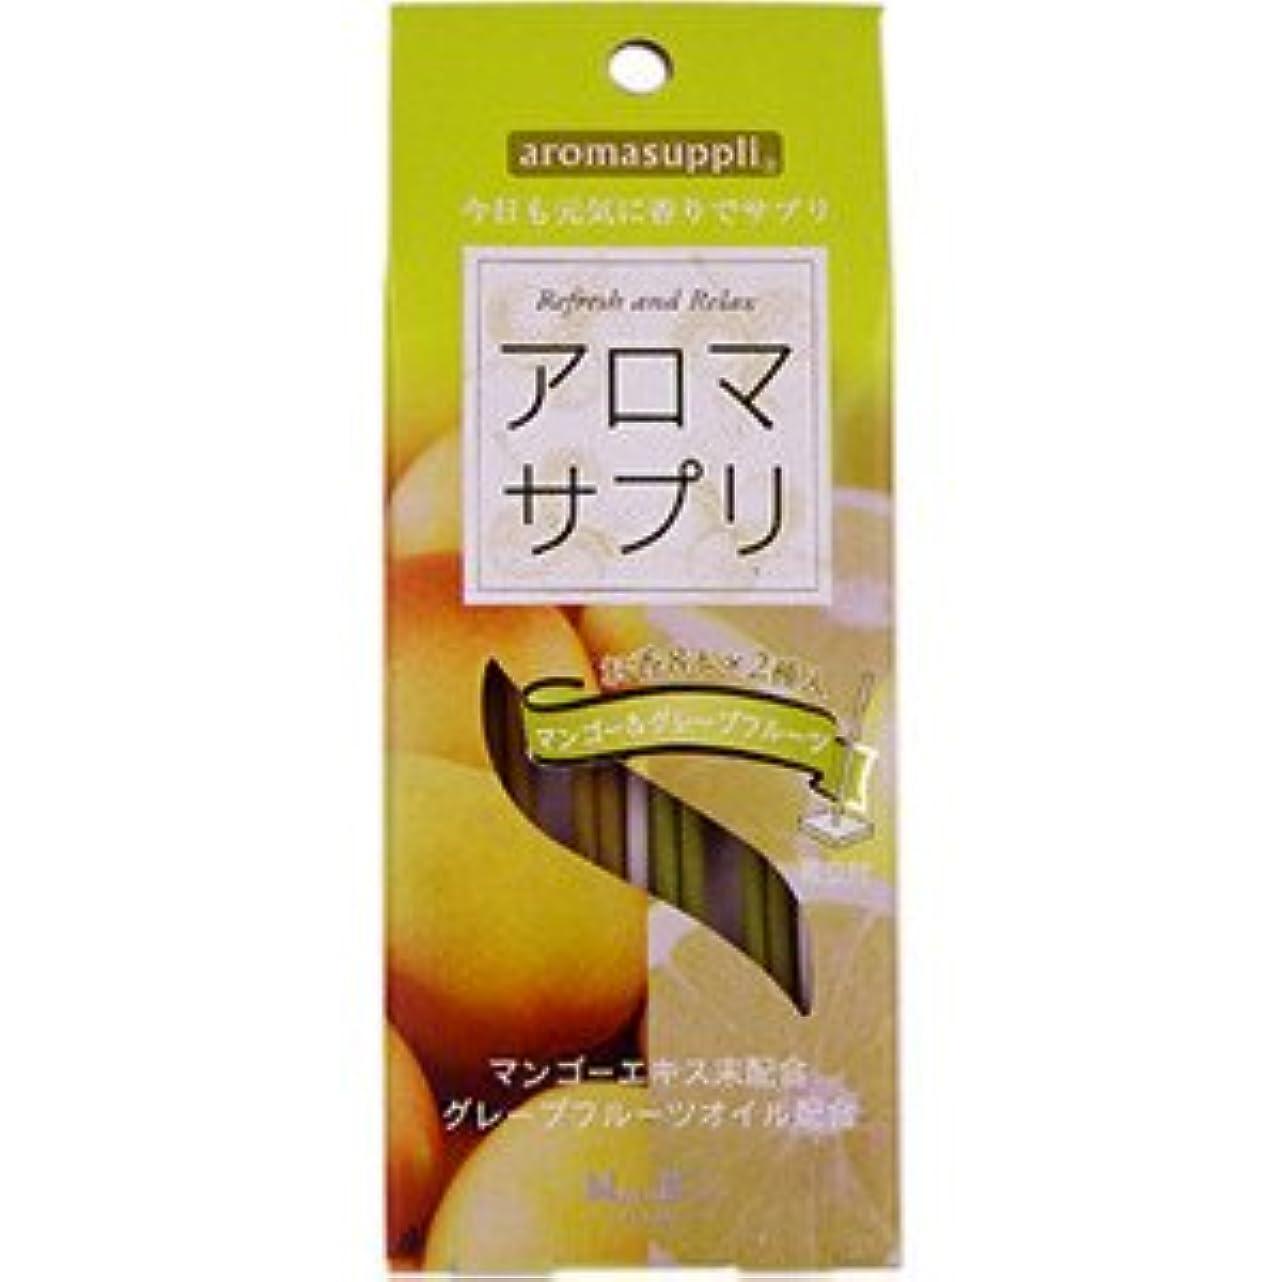 気まぐれな敬意を表してスイッチ日本香堂 アロマサプリ マンゴー&グレープフルーツ